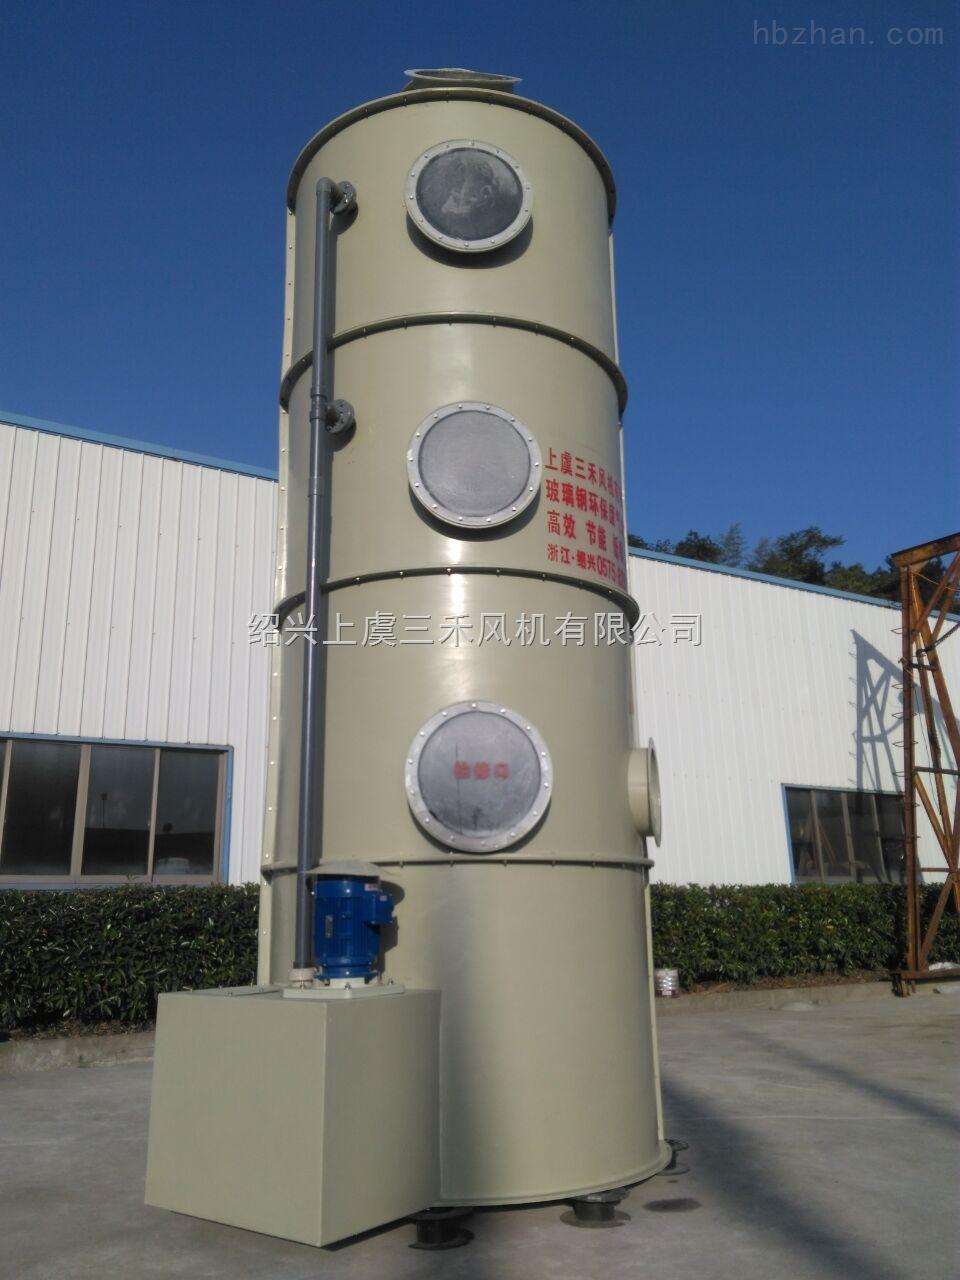 产品库 废气处理/空气净化 废气处理设备 洗涤塔 gew-nkjt 三禾gew